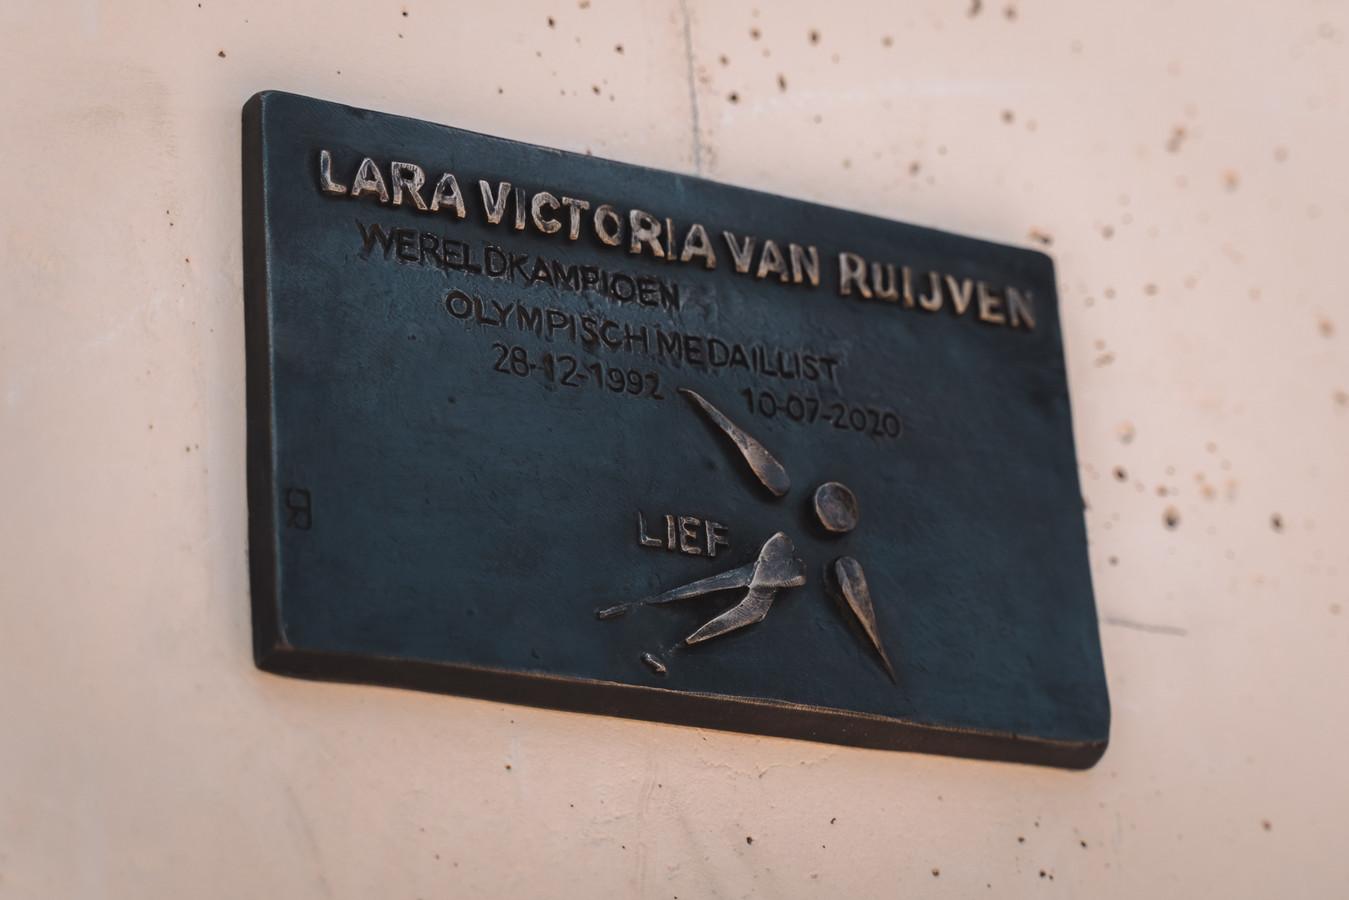 De plaquette van Lara van Ruijven.